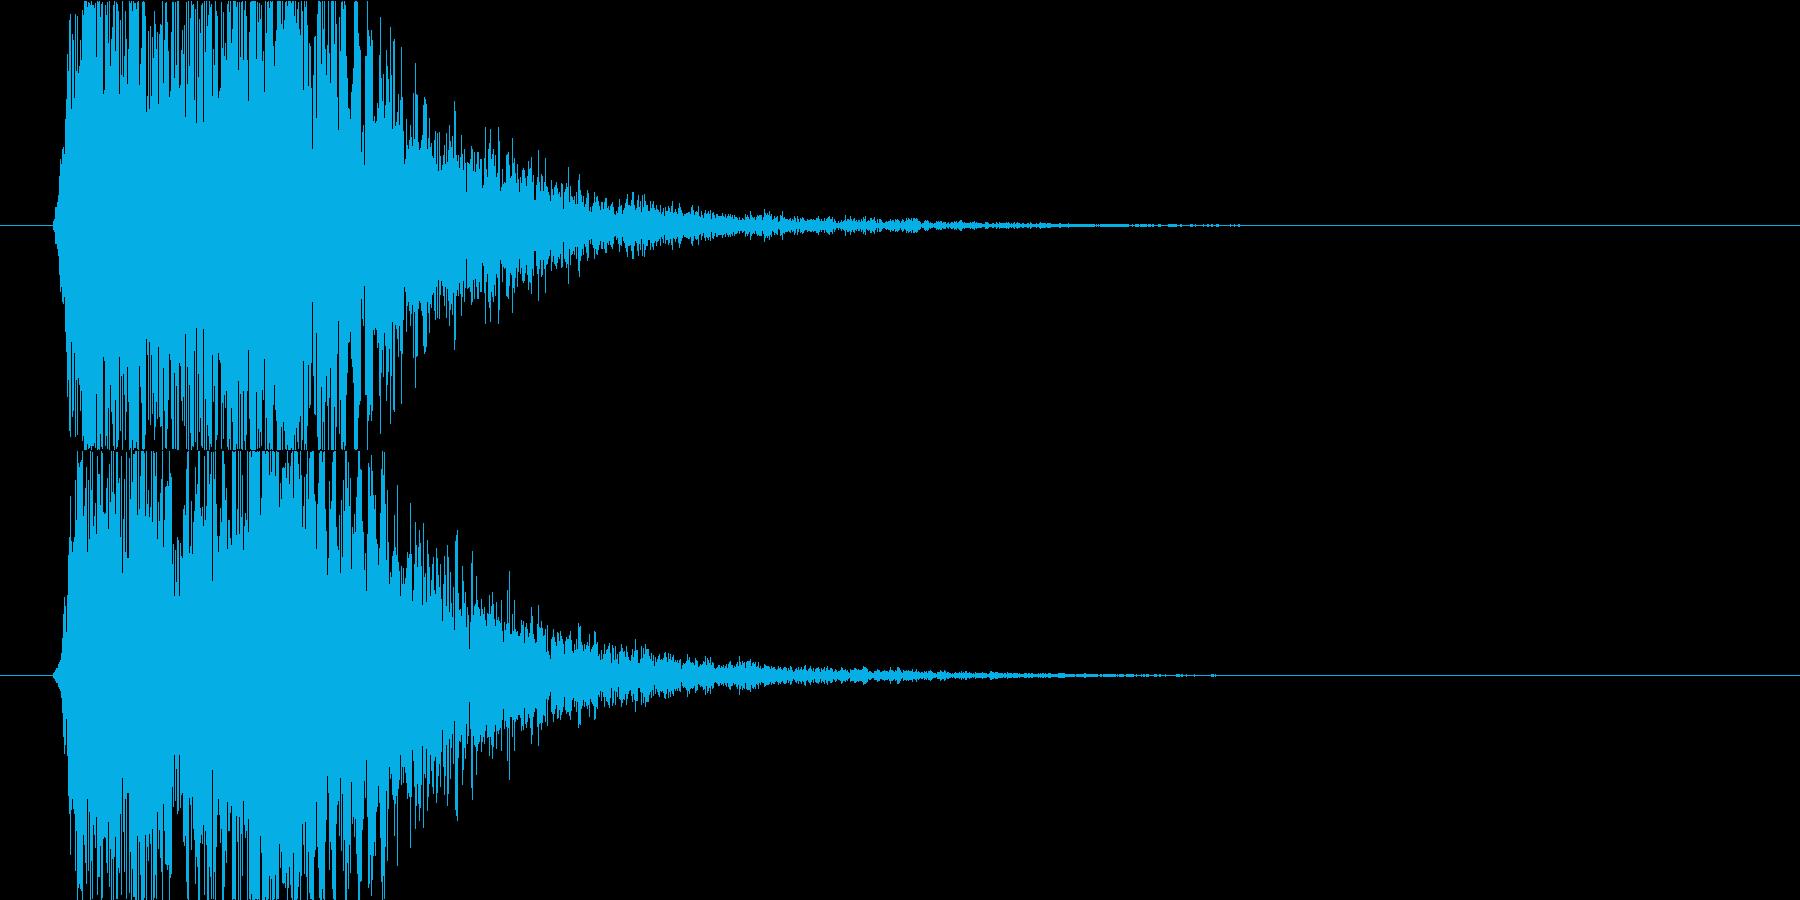 映画などで驚いたりㇵッとする場面の効果音の再生済みの波形